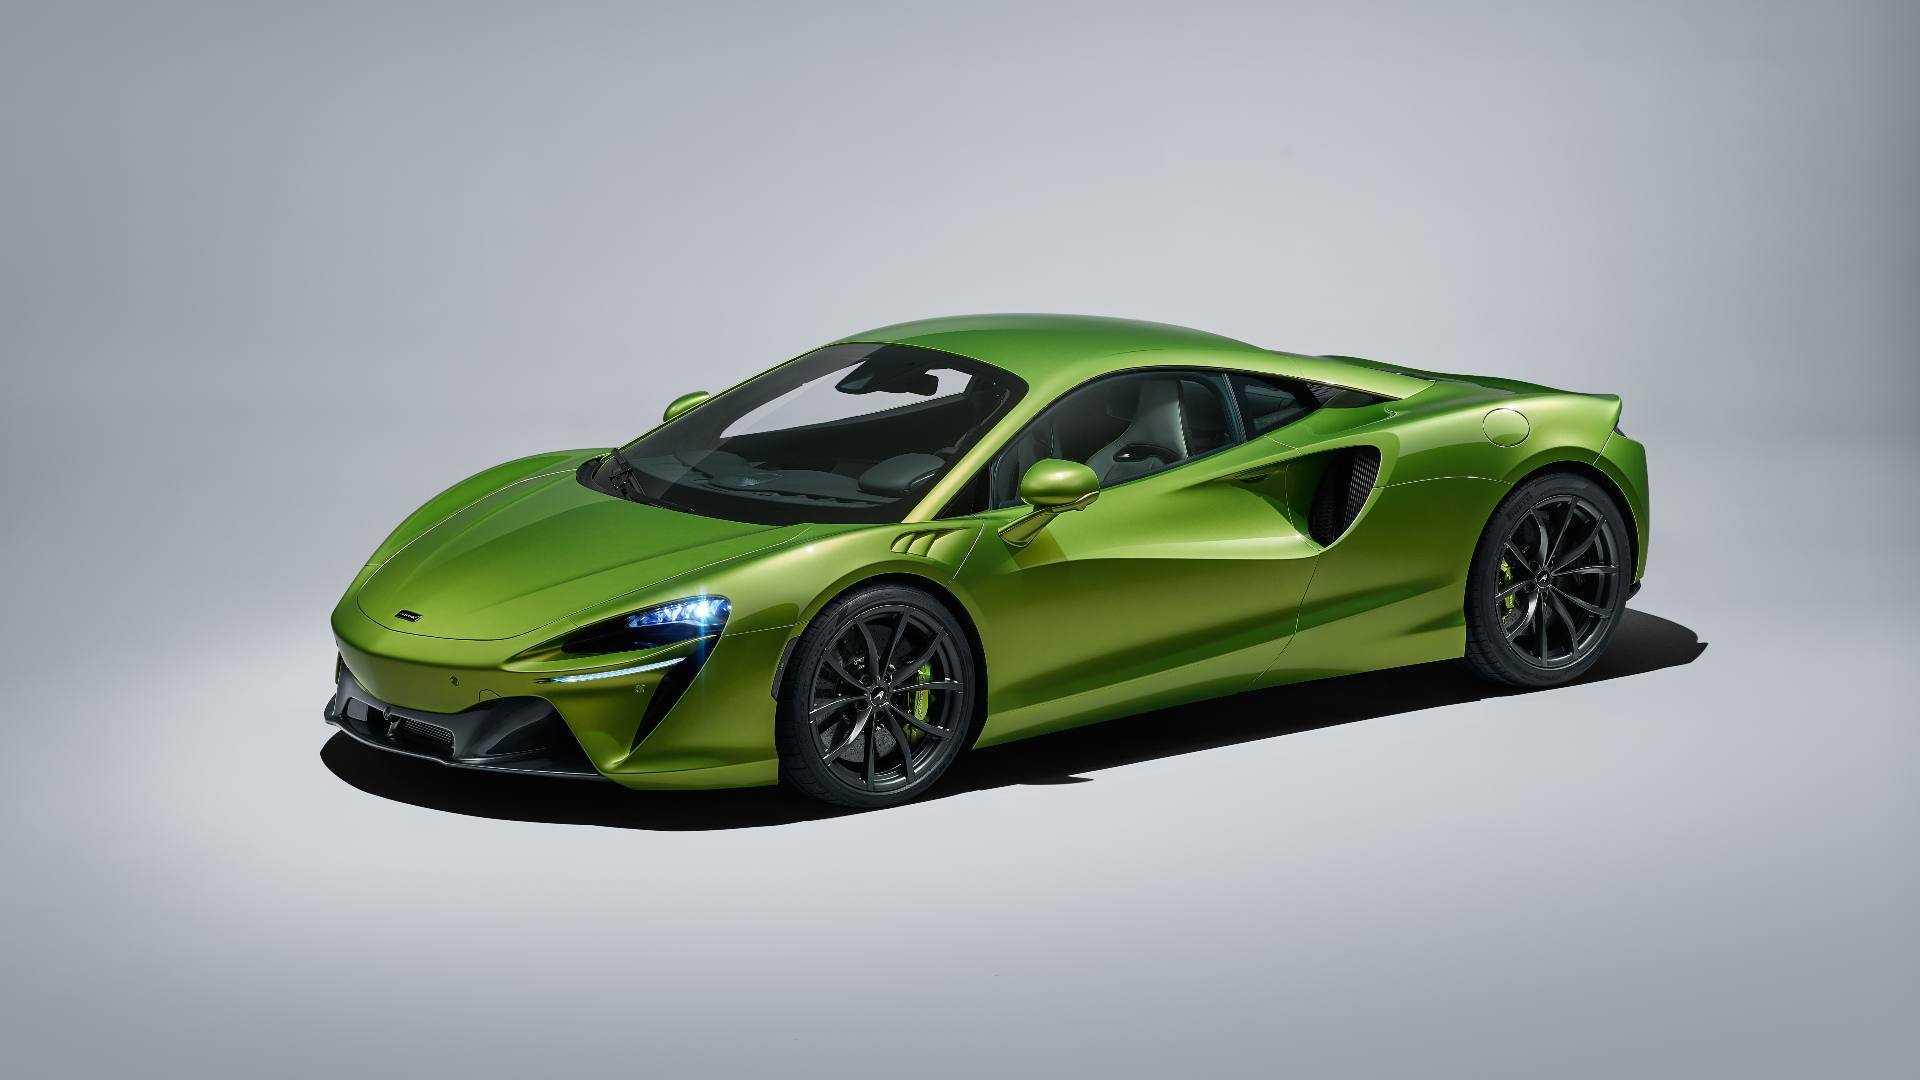 McLaren Artura révélée comme la première supercar hybride rechargeable de la marque, développe une puissance combinée de 680 chevaux